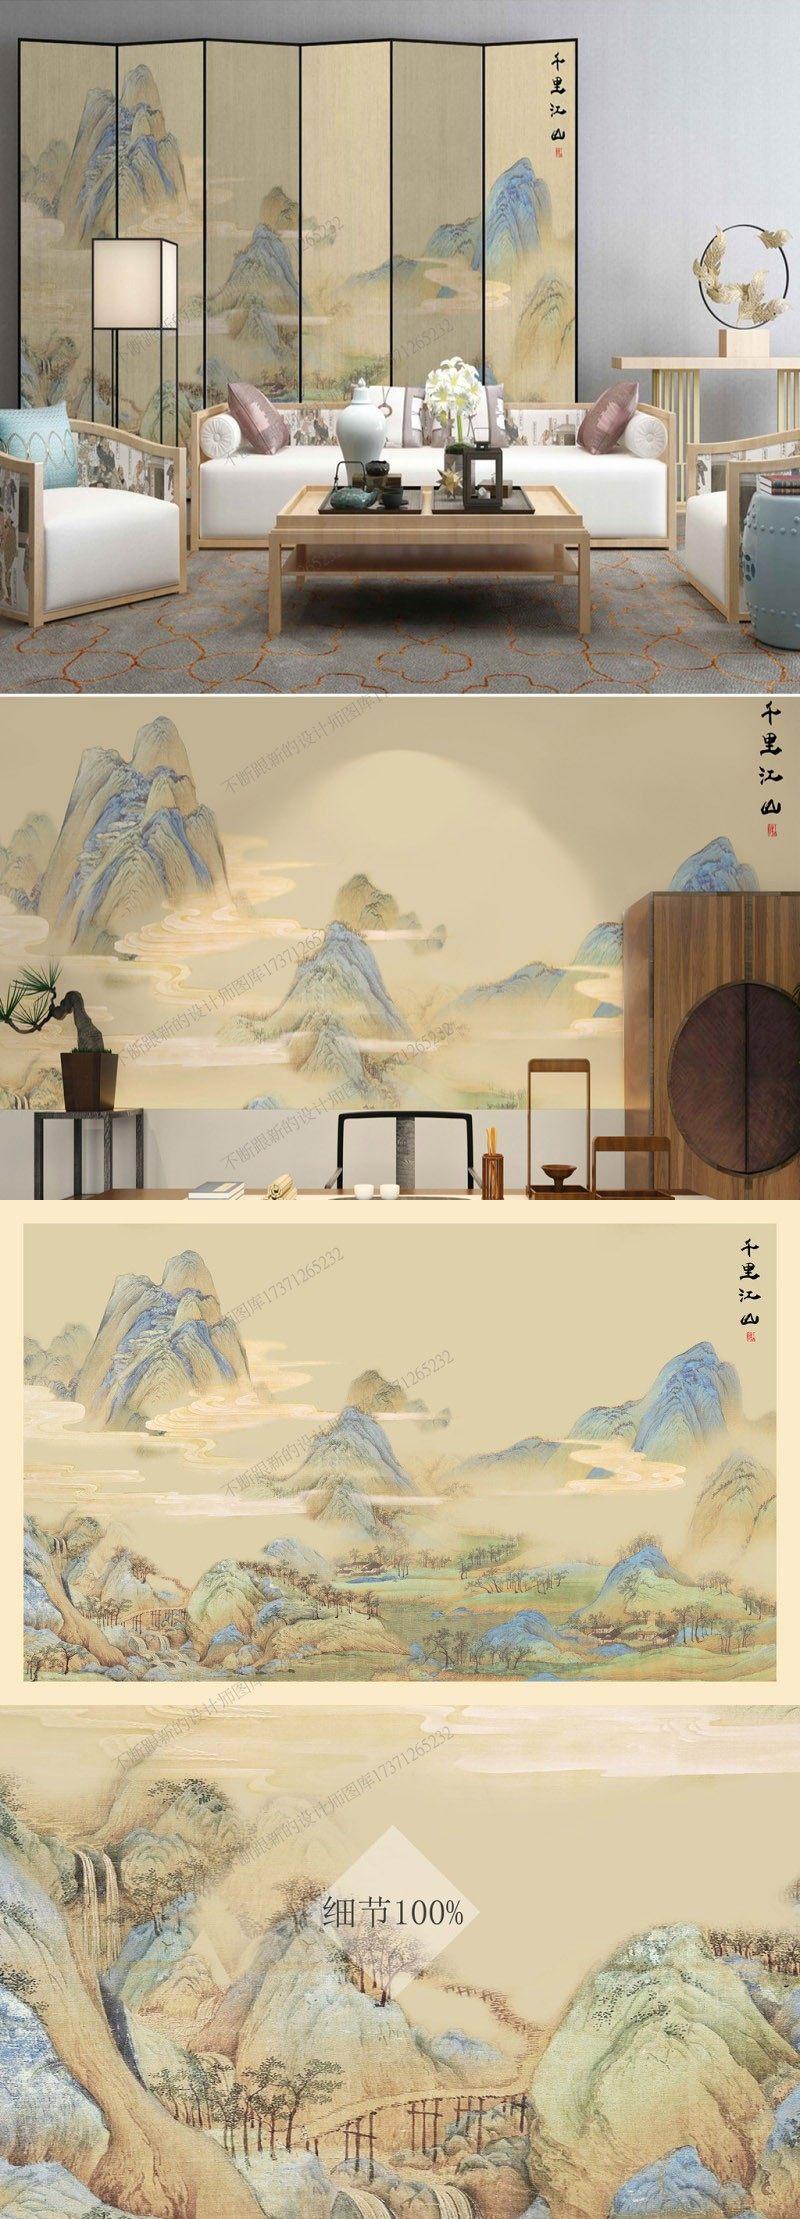 无缝壁画-新中式山水_554拷贝.jpg